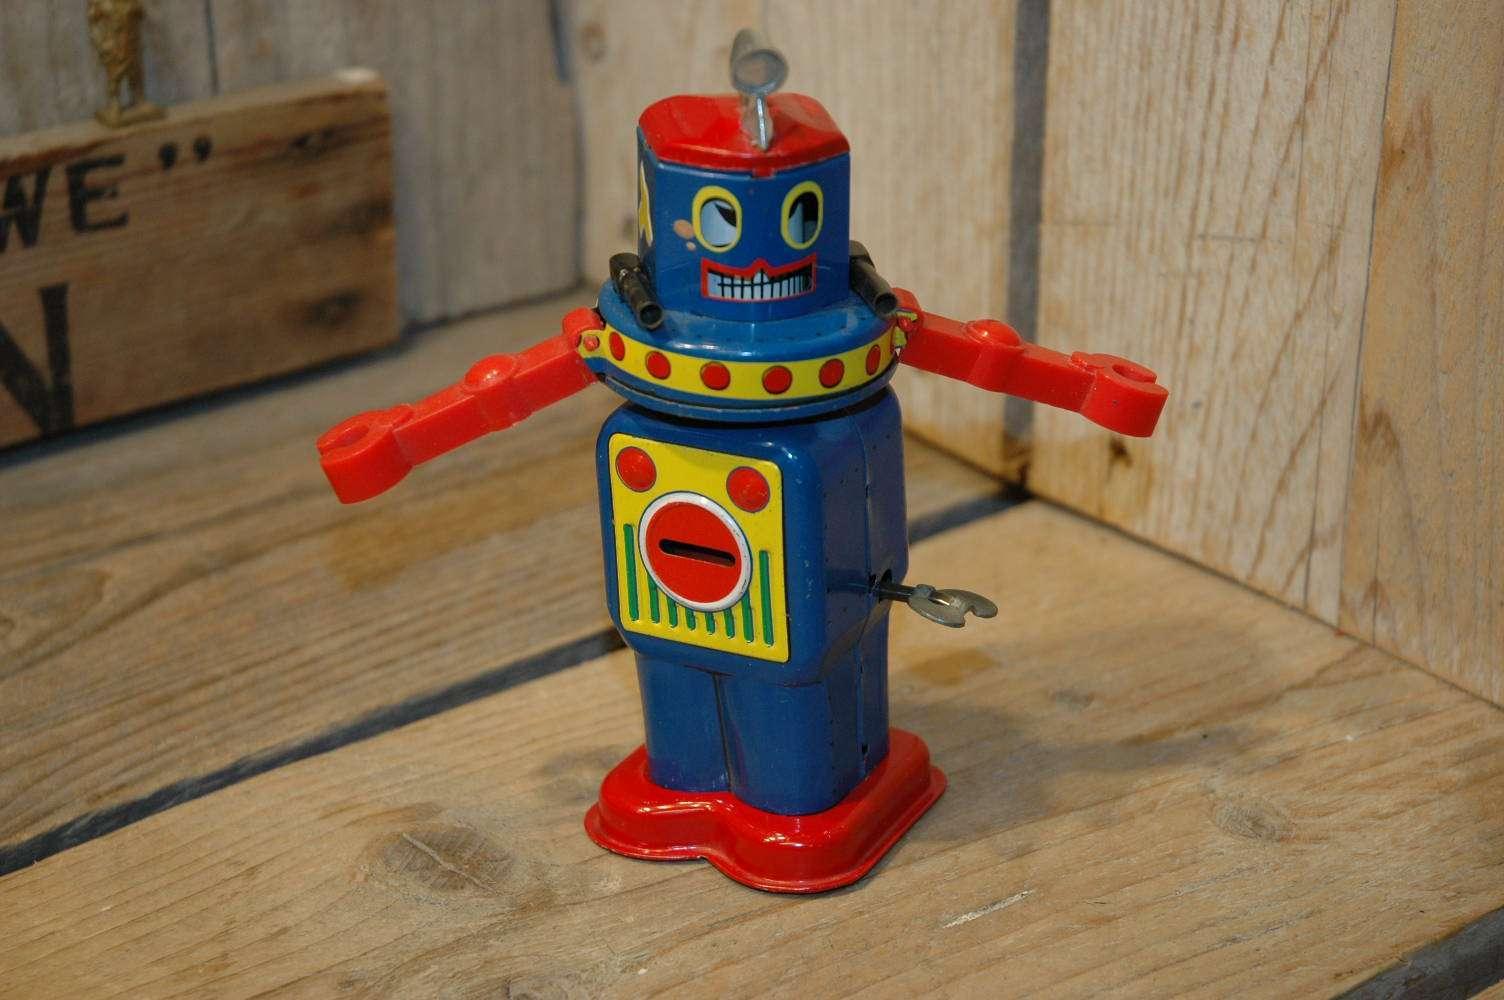 Yonezawa - Atomic Robot